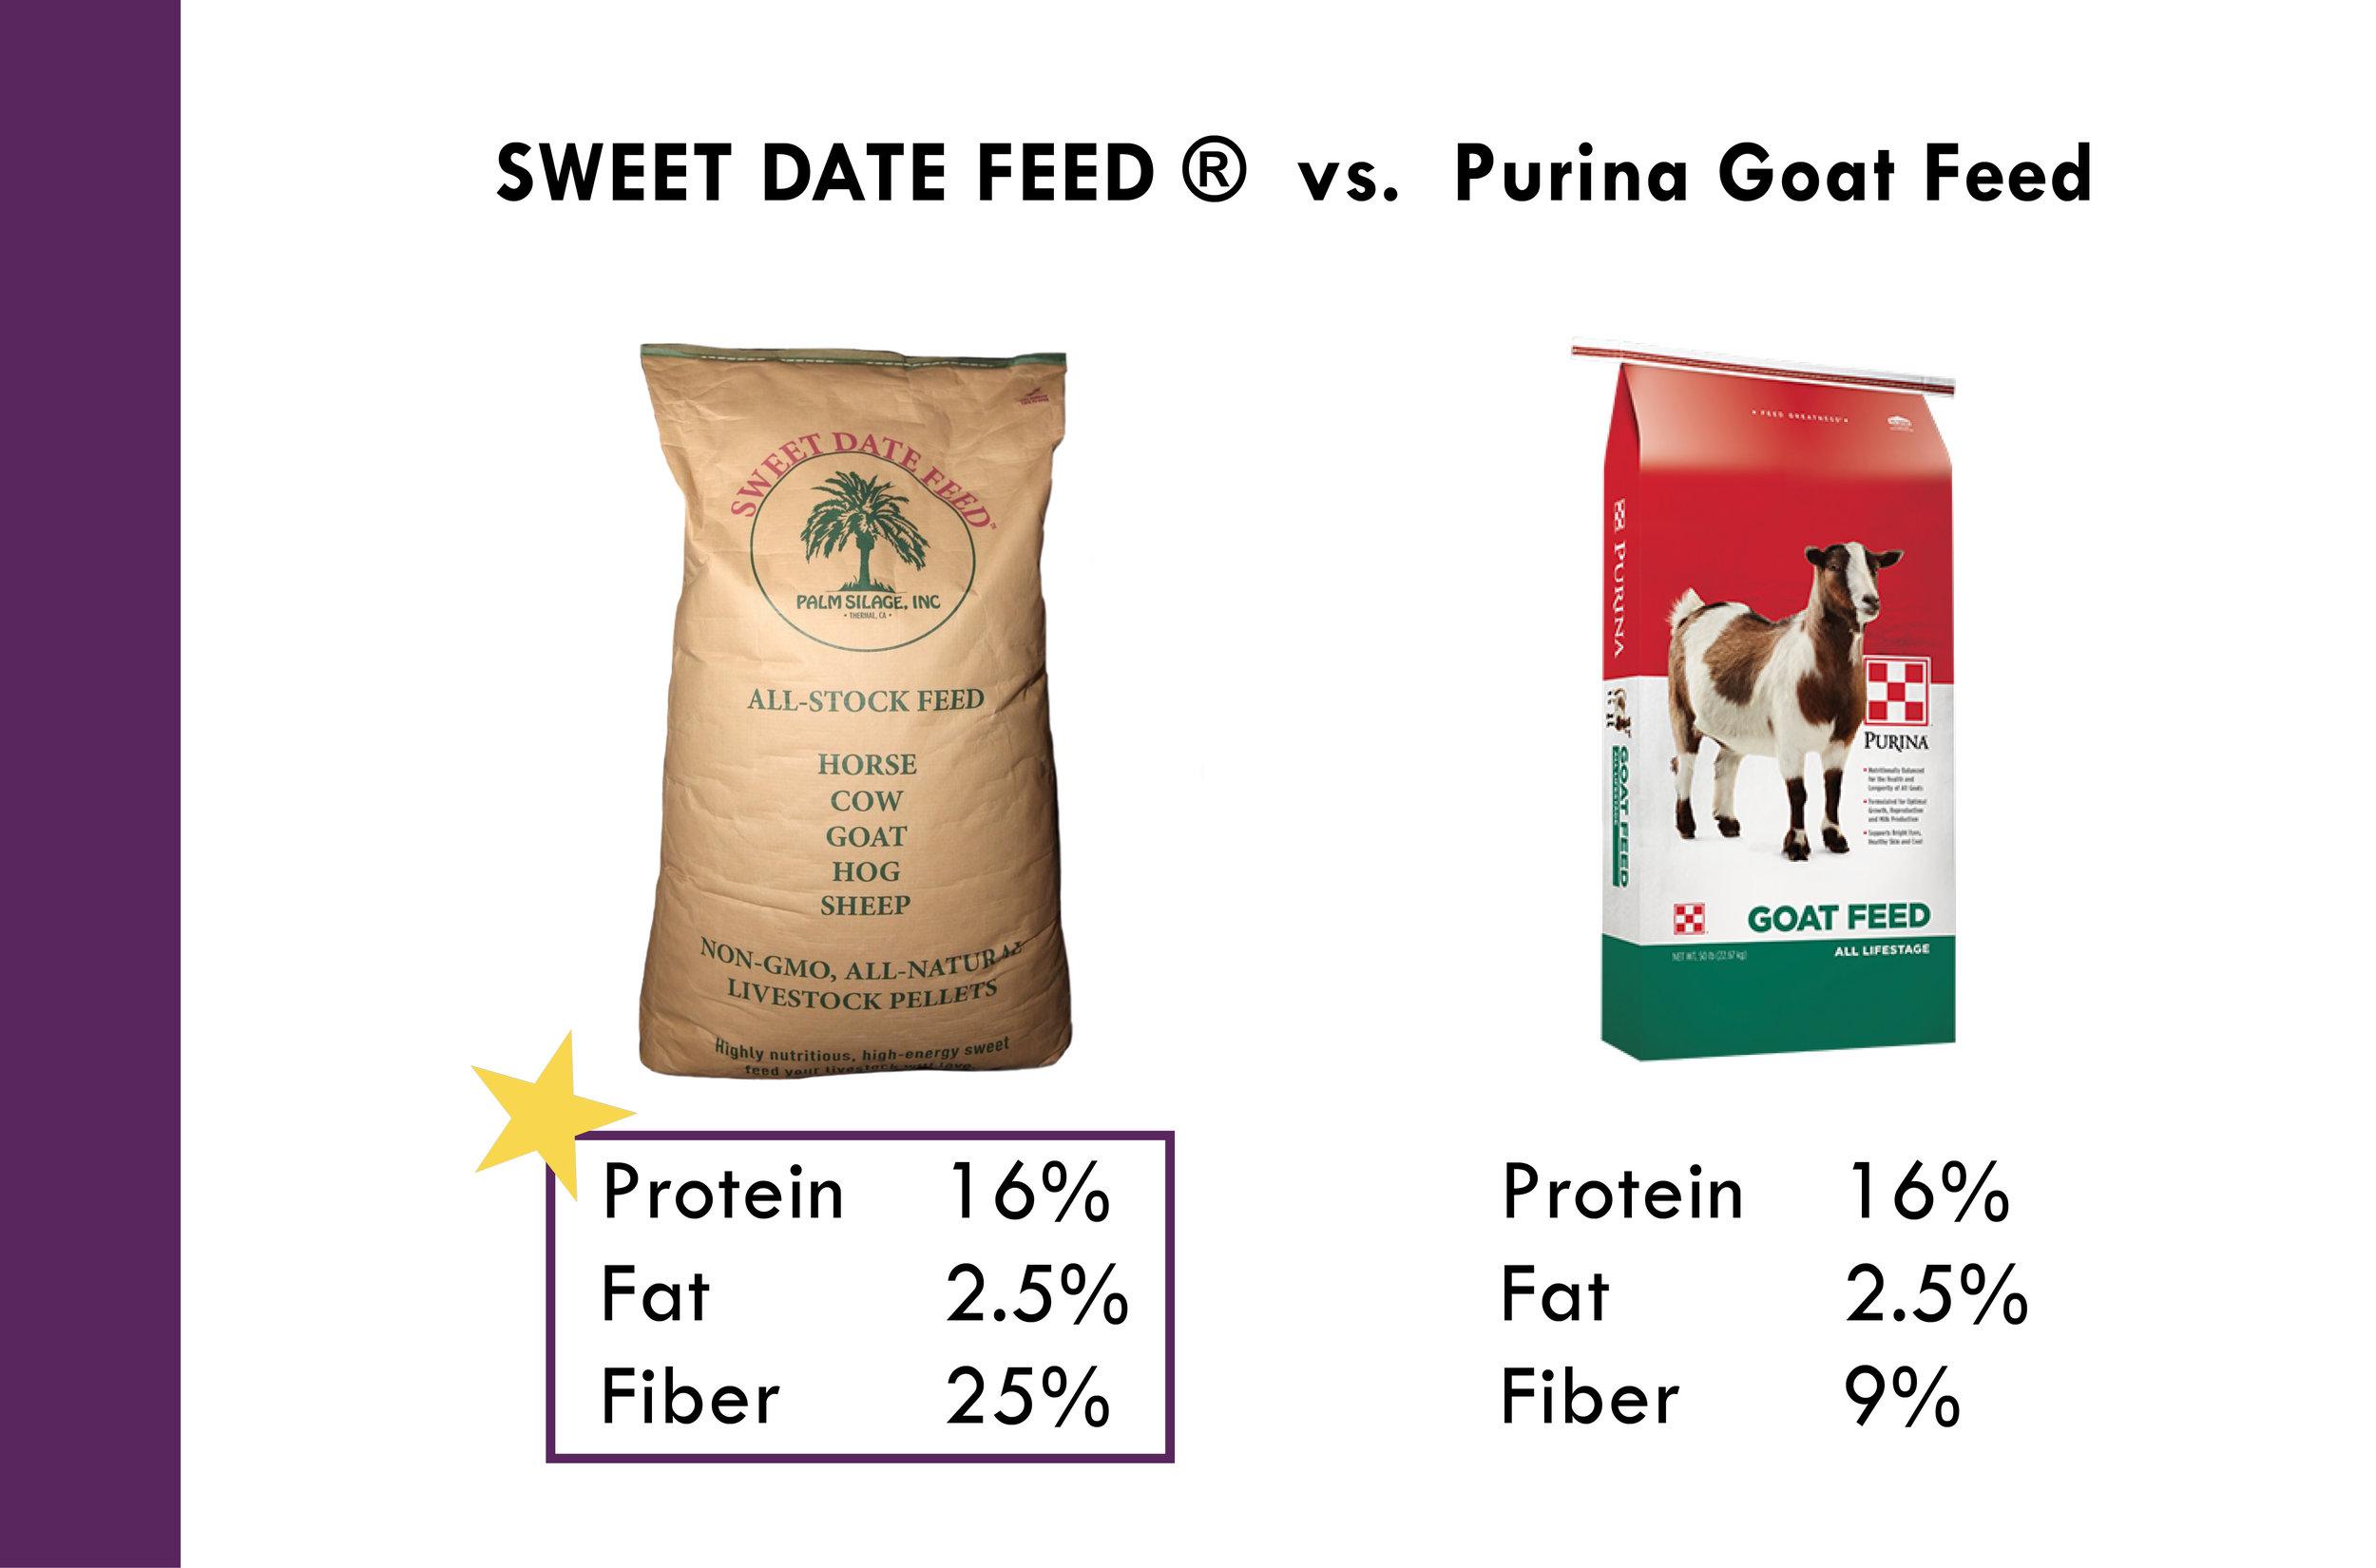 Sweet Date Feed vs. Purina Goat Feed